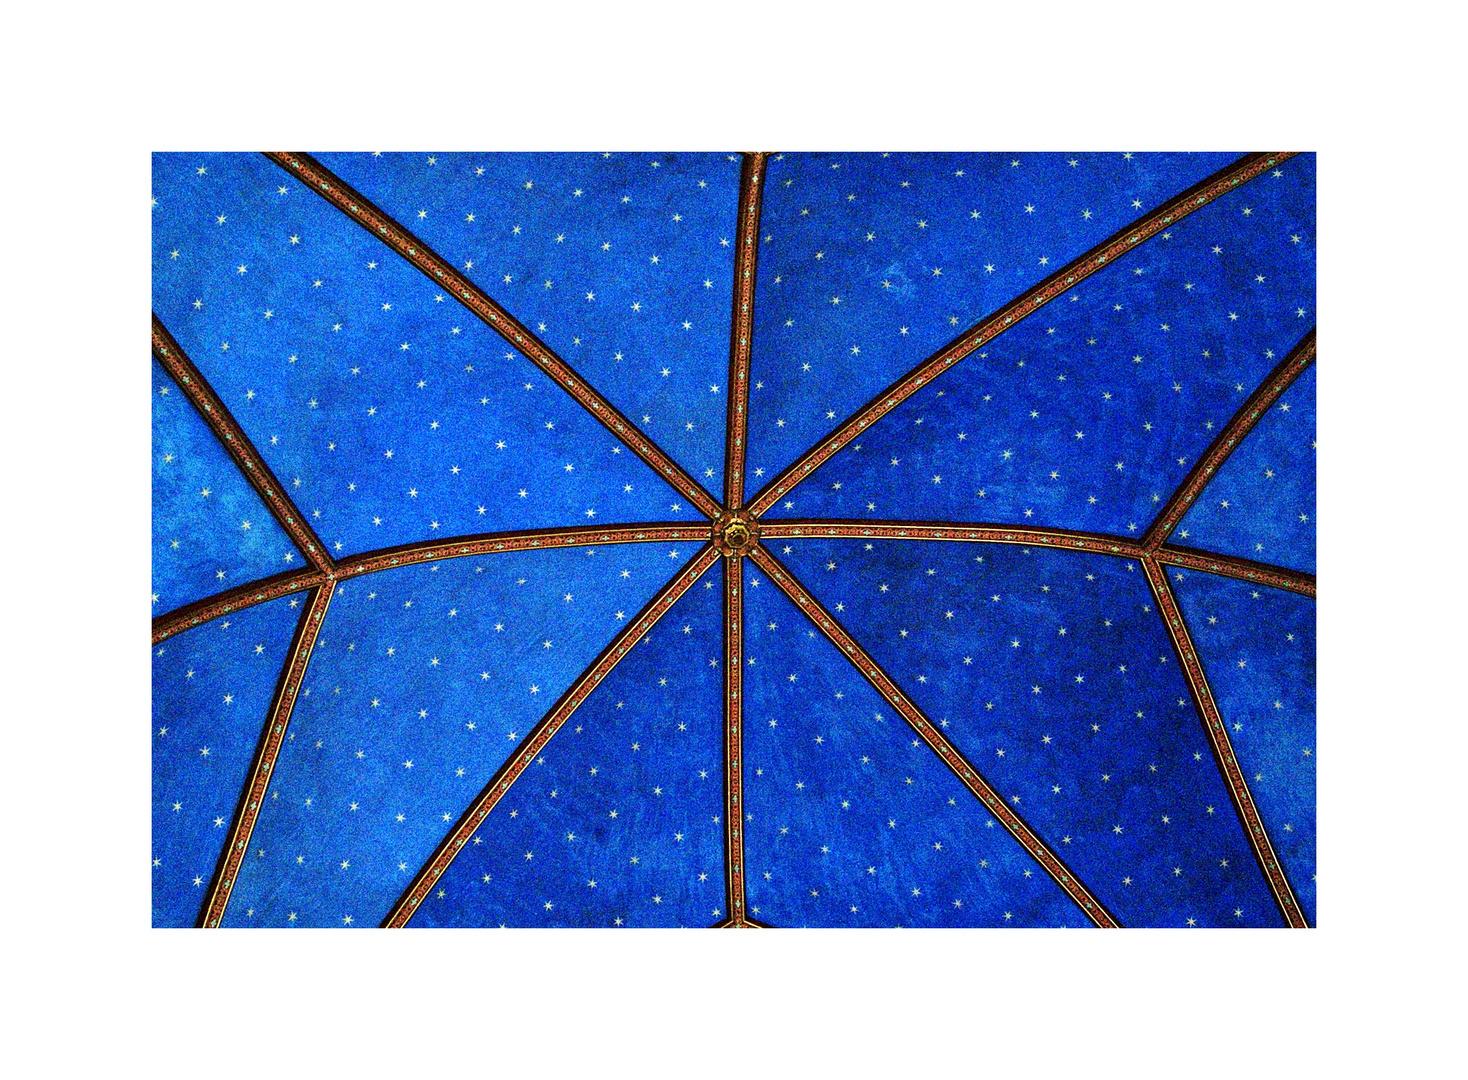 Sternenhimmel in der Roskilde Domkirke